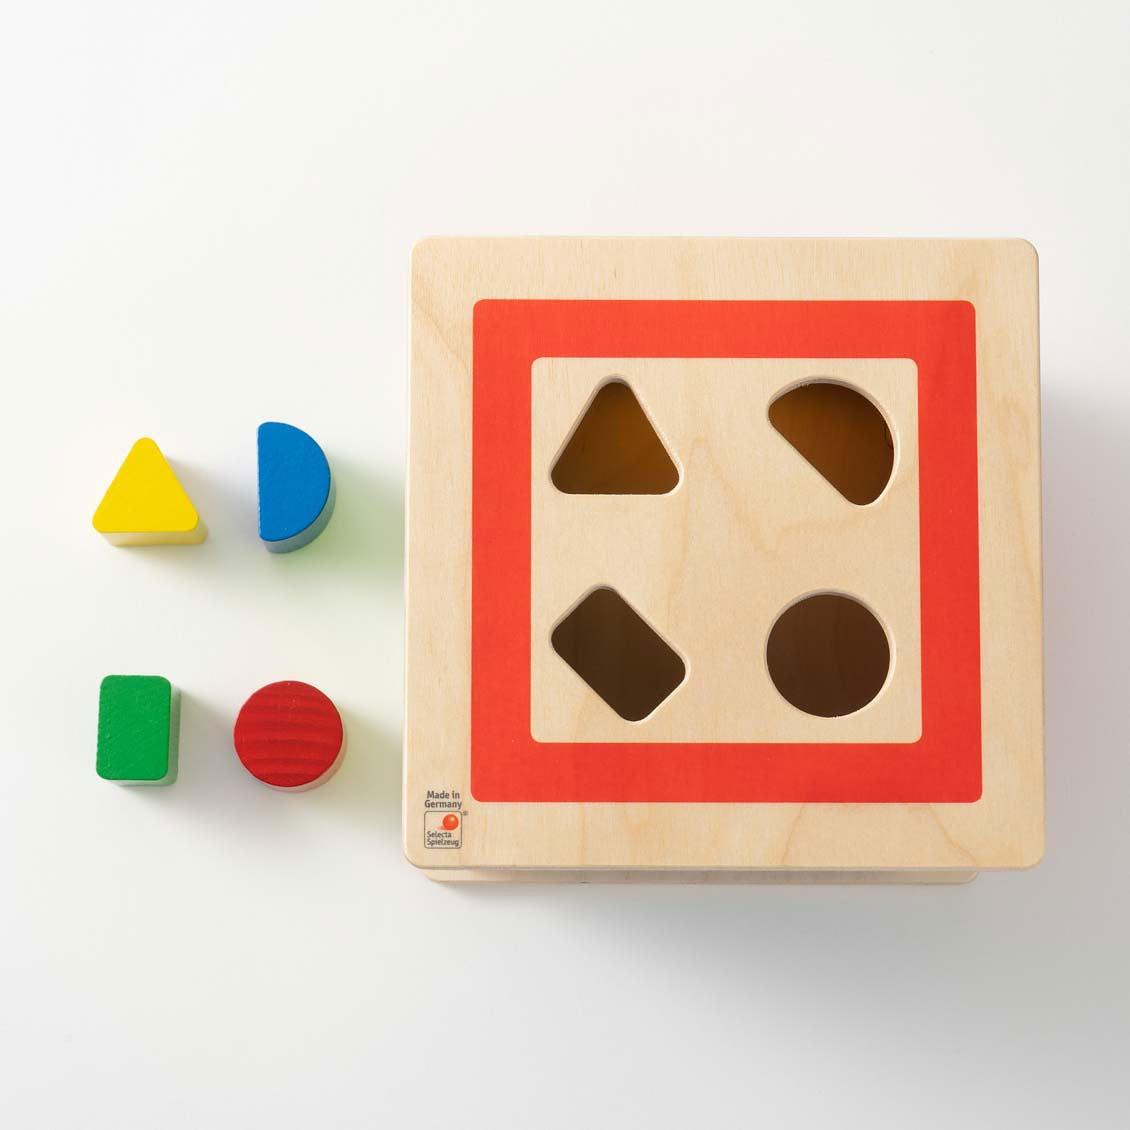 トリダスボックス|型はめパズル|木のおもちゃ